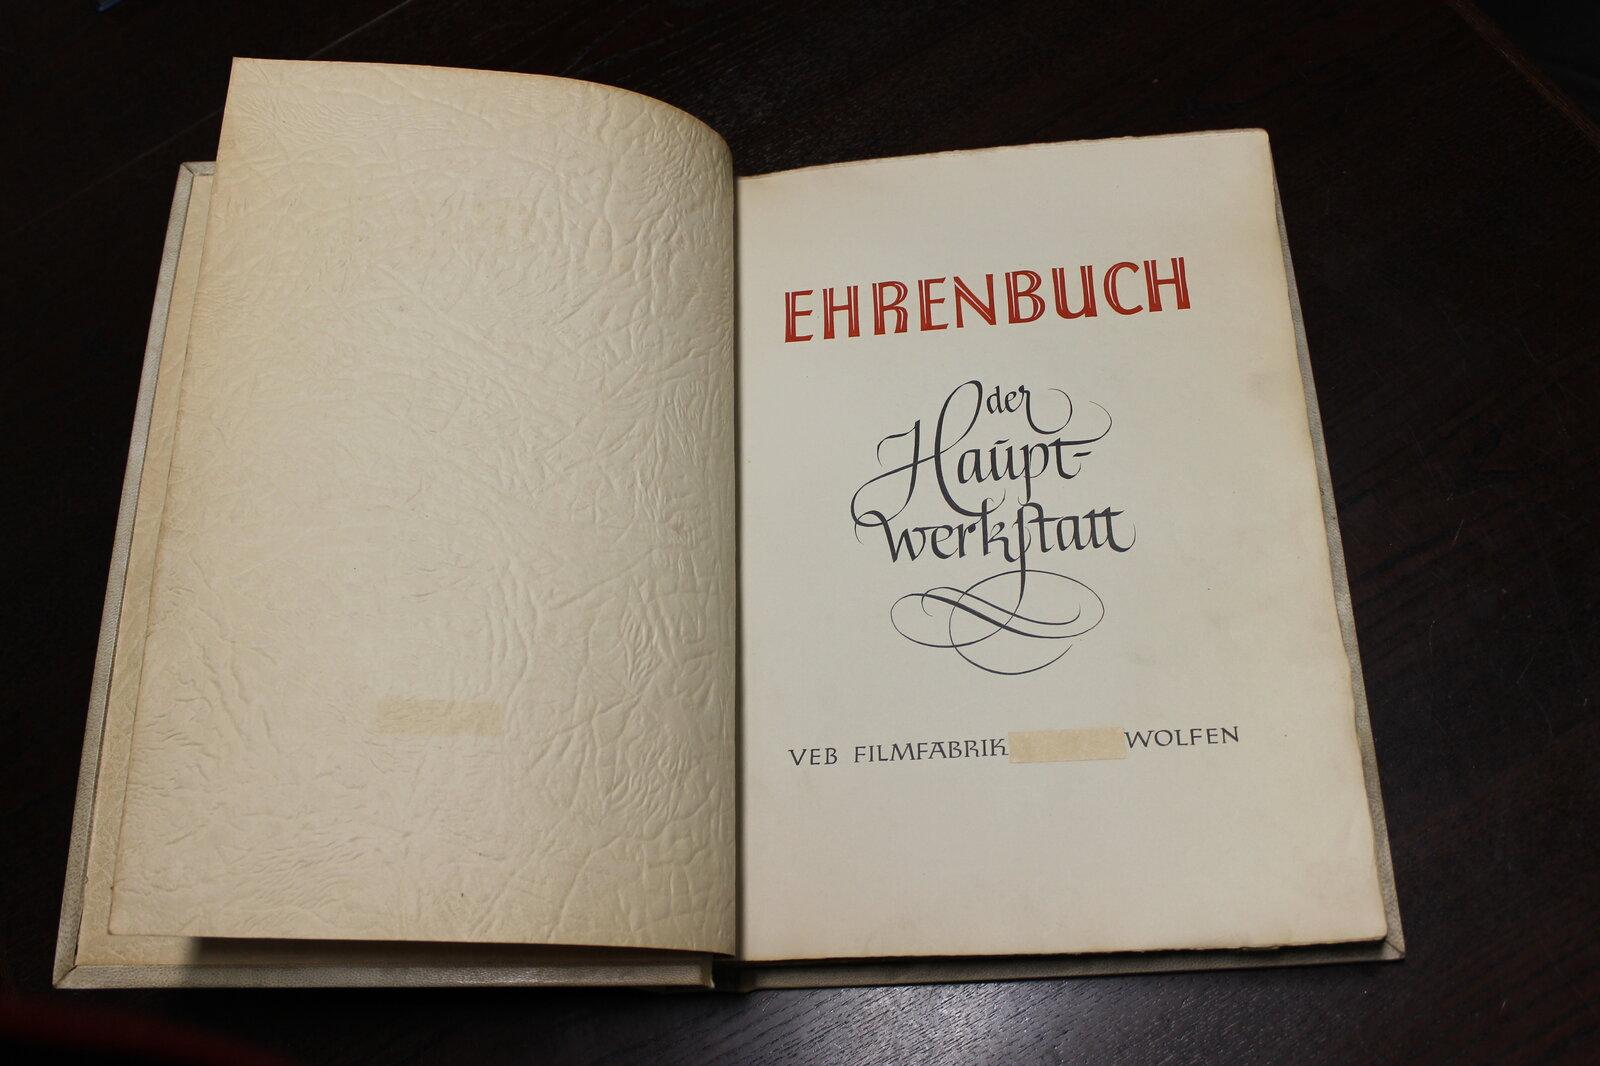 Ehrenbuch der ZW der Filmfabrik Wolfen erste Seite.JPG